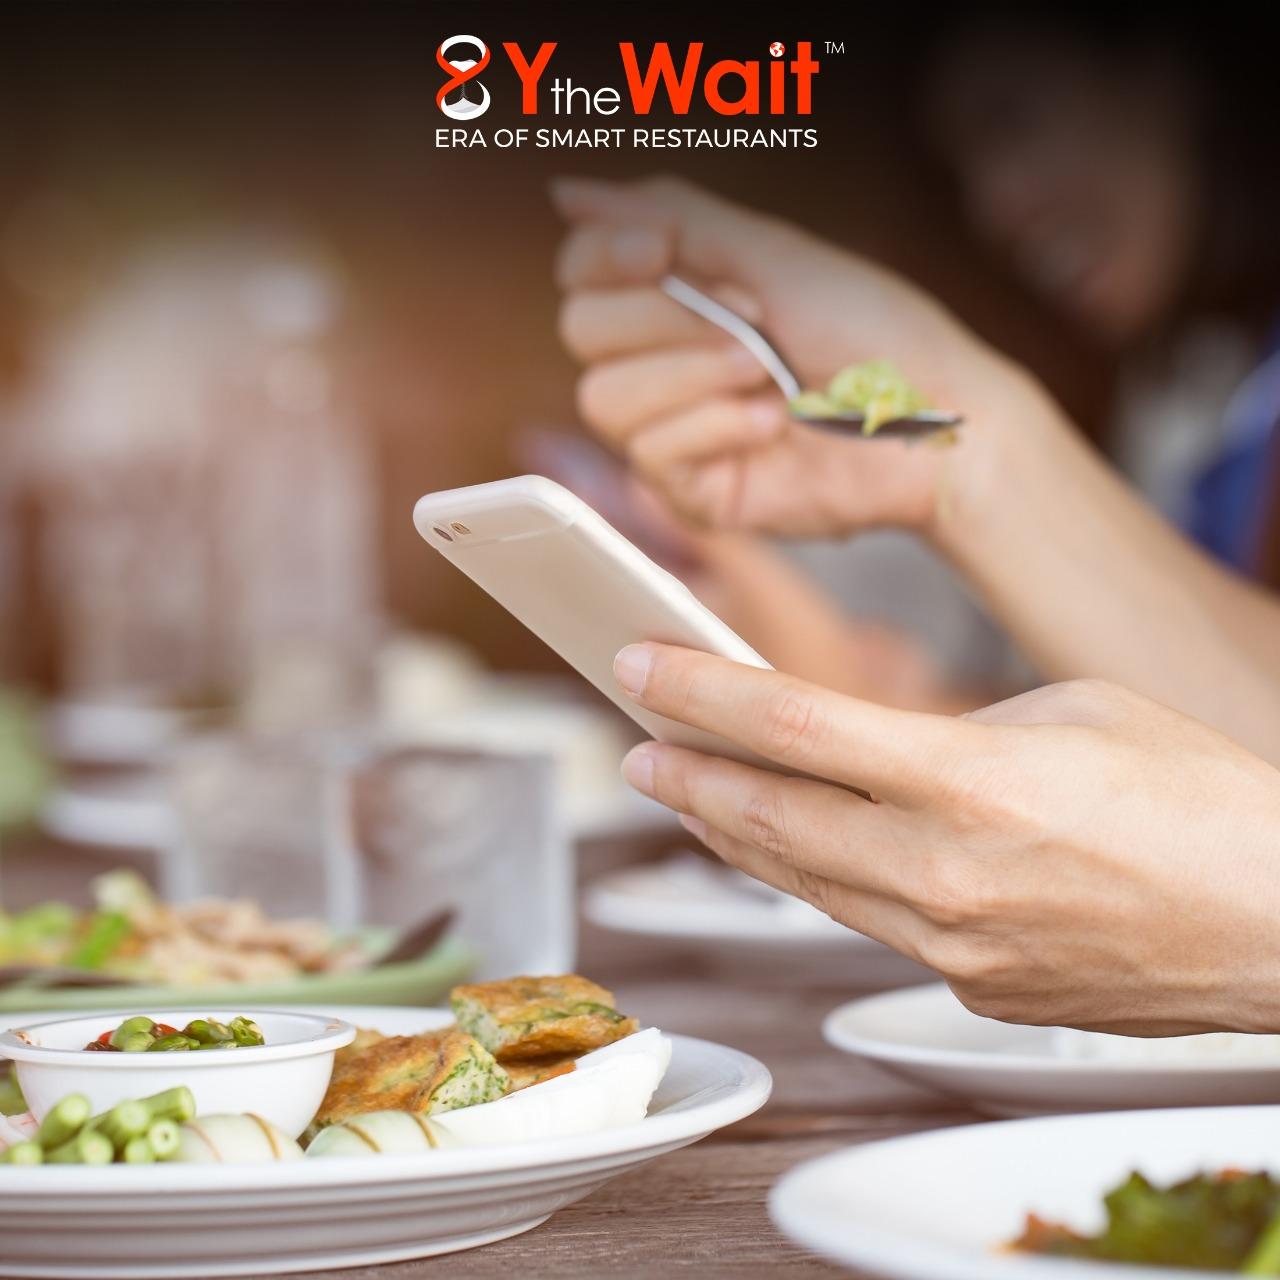 Y the Wait - Digital Waiter App - Digital Menu Order